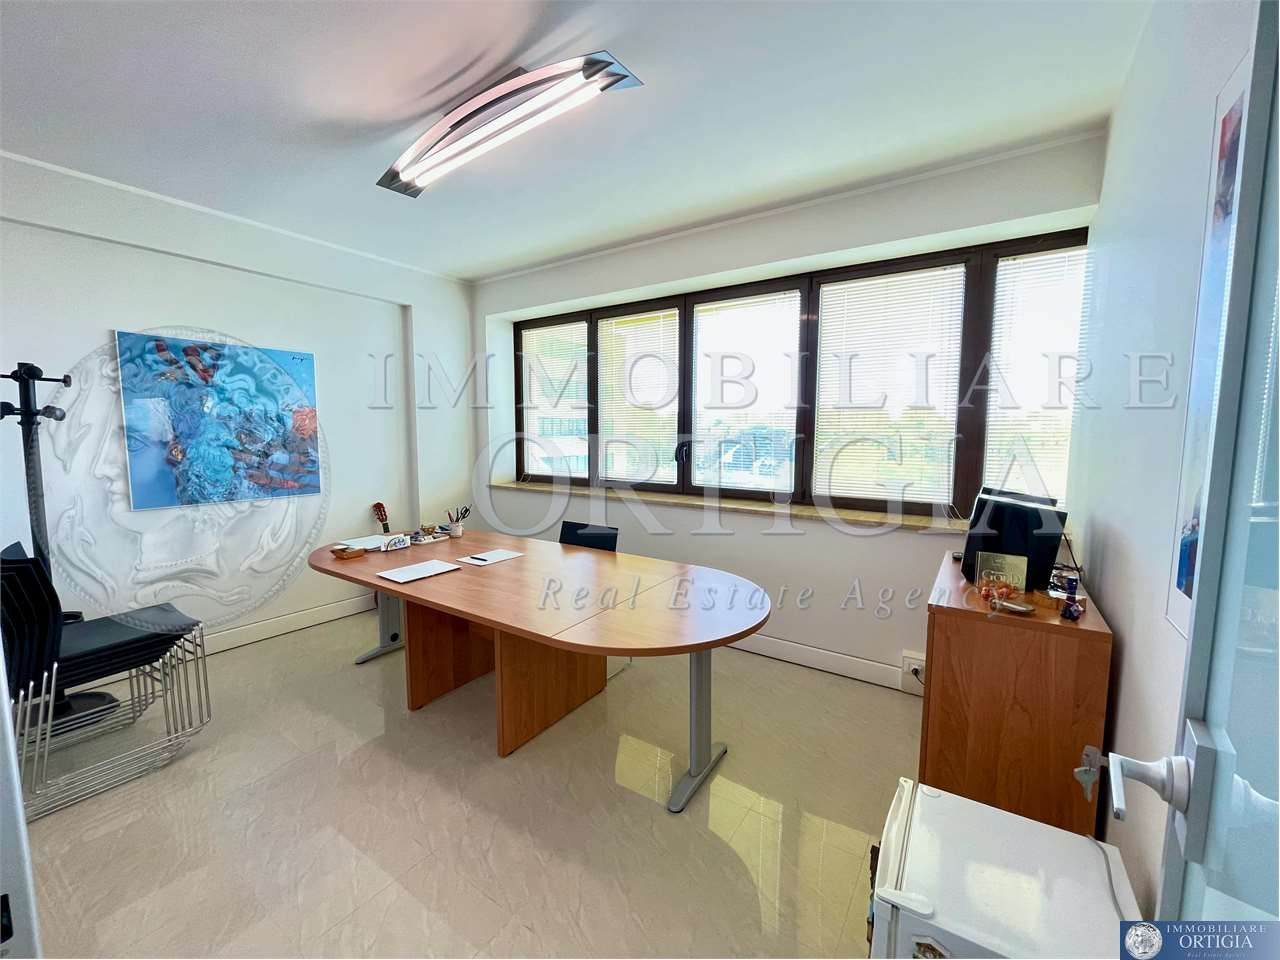 Ufficio / Studio in vendita a Siracusa, 4 locali, prezzo € 175.000 | CambioCasa.it